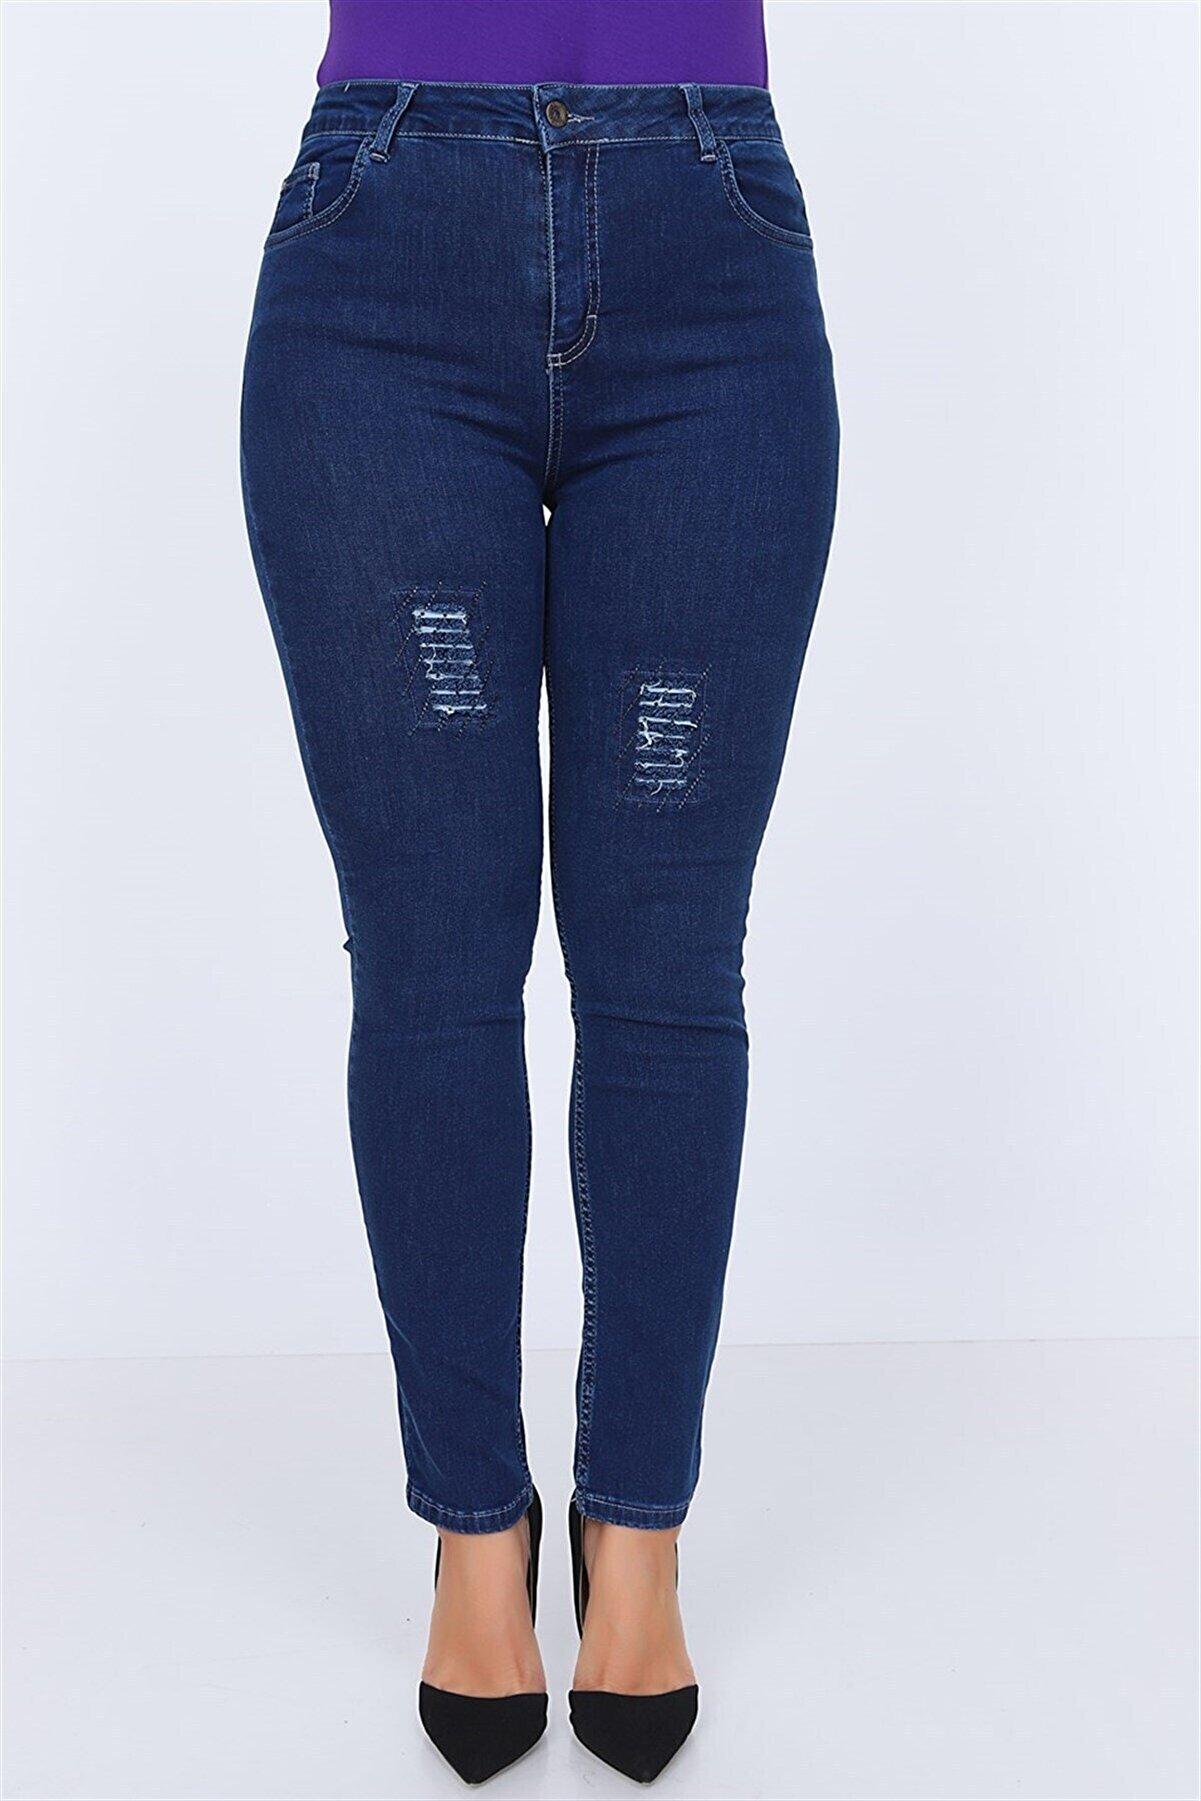 Rmg Kadın Lacivert Yama Detaylı Taş İşlemeli Büyük Beden Kot Pantolon